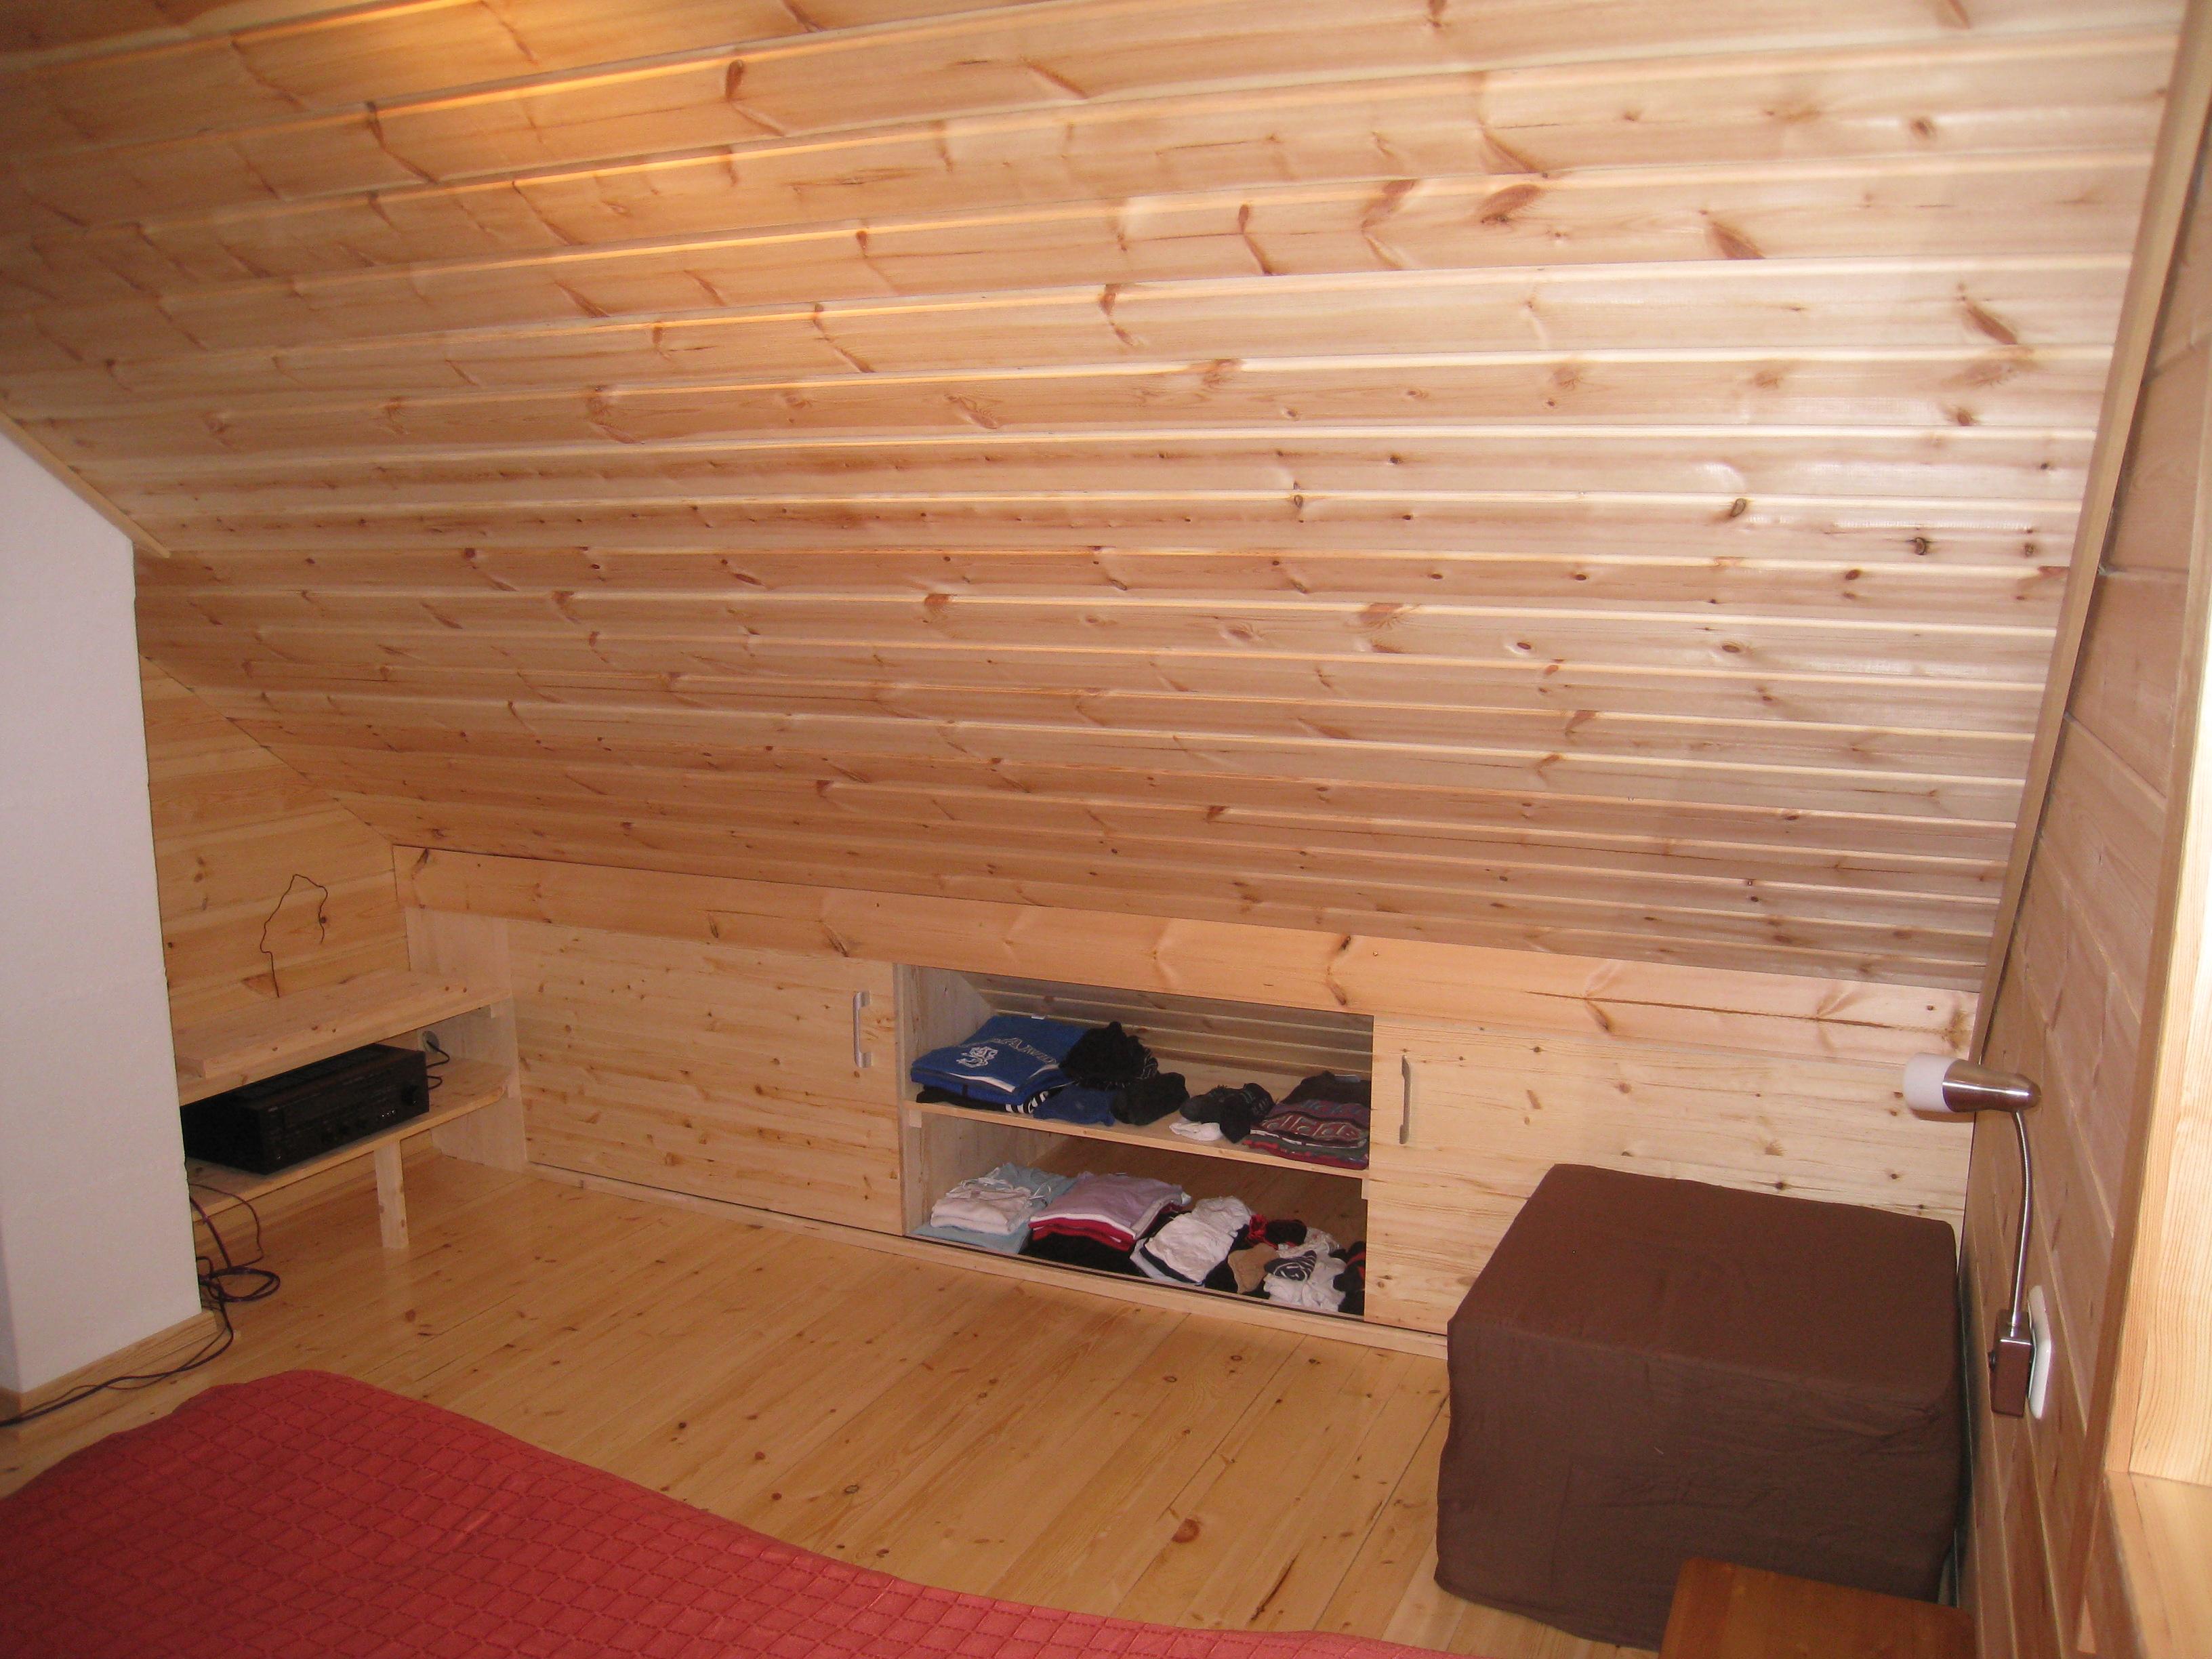 erstaunlich schiebet ren dachschr ge selber bauen ebenbild. Black Bedroom Furniture Sets. Home Design Ideas